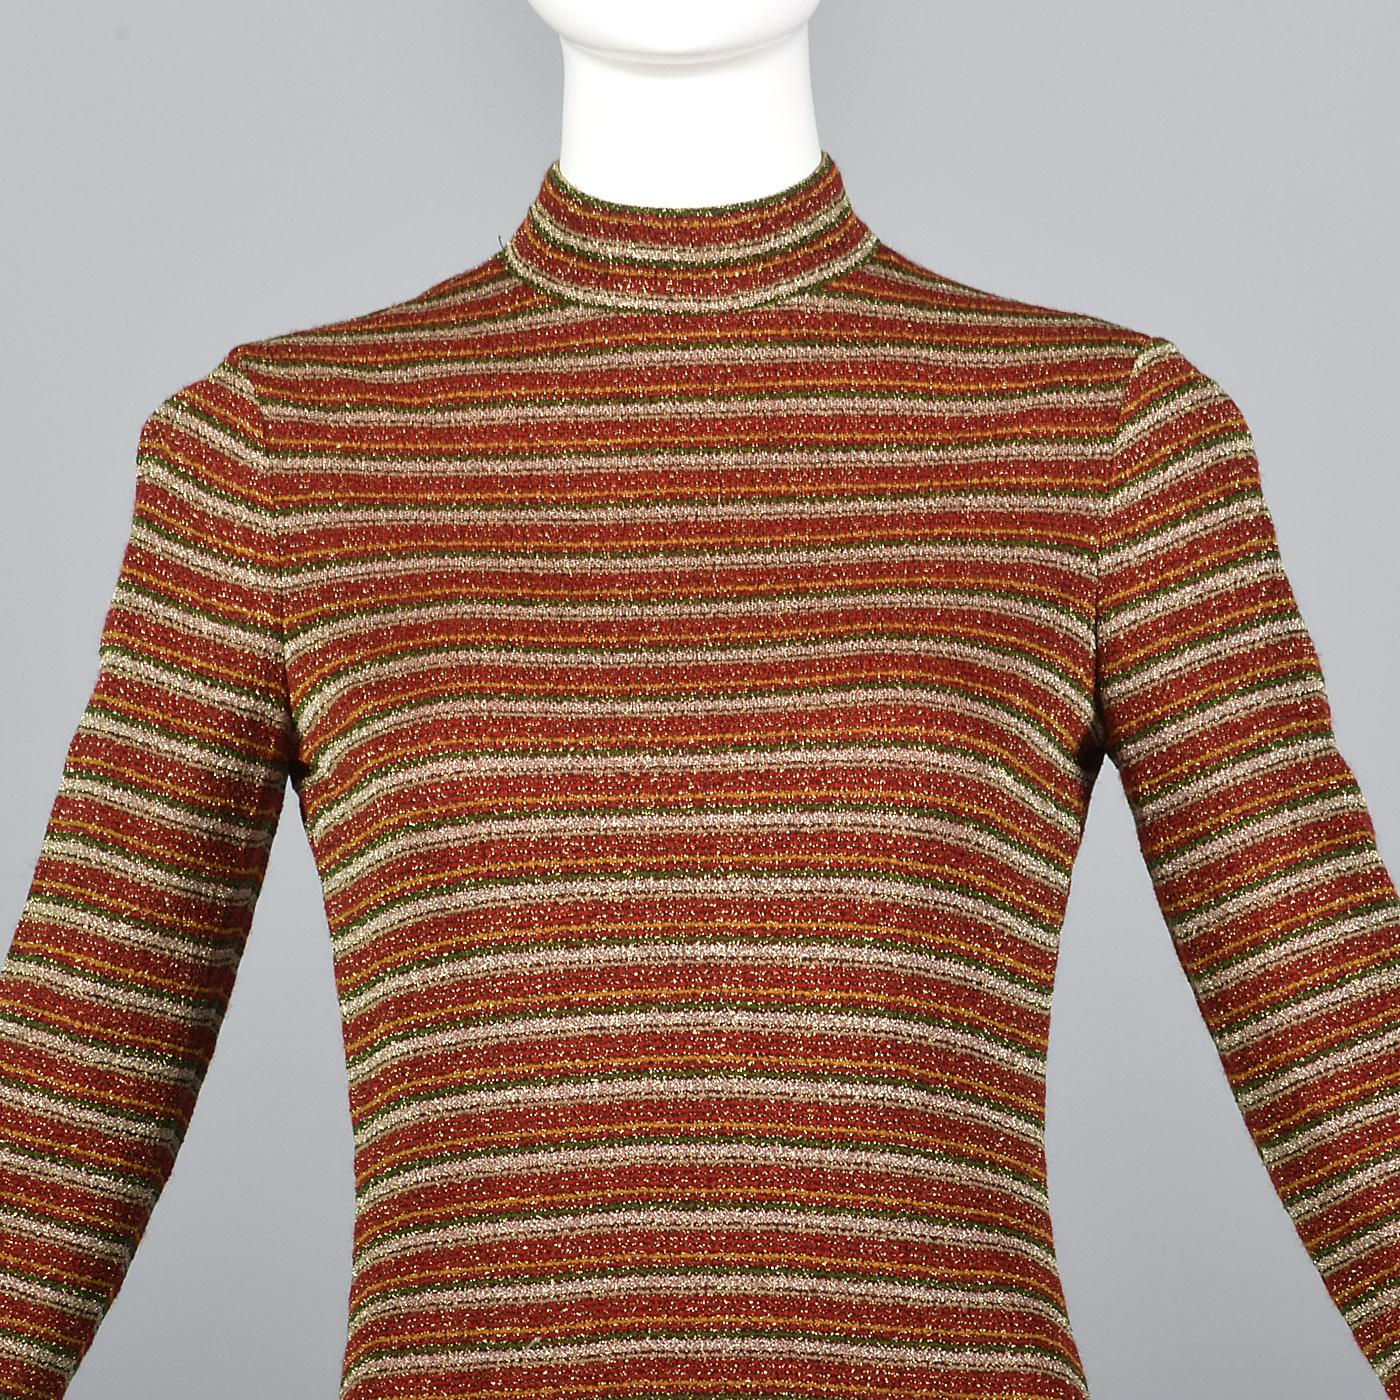 3b325a2aca Details about XS 1970s Dress Mollie Parnis Boutique Long Sleeve Maxi Dress  VTG 70s Lurex Knit